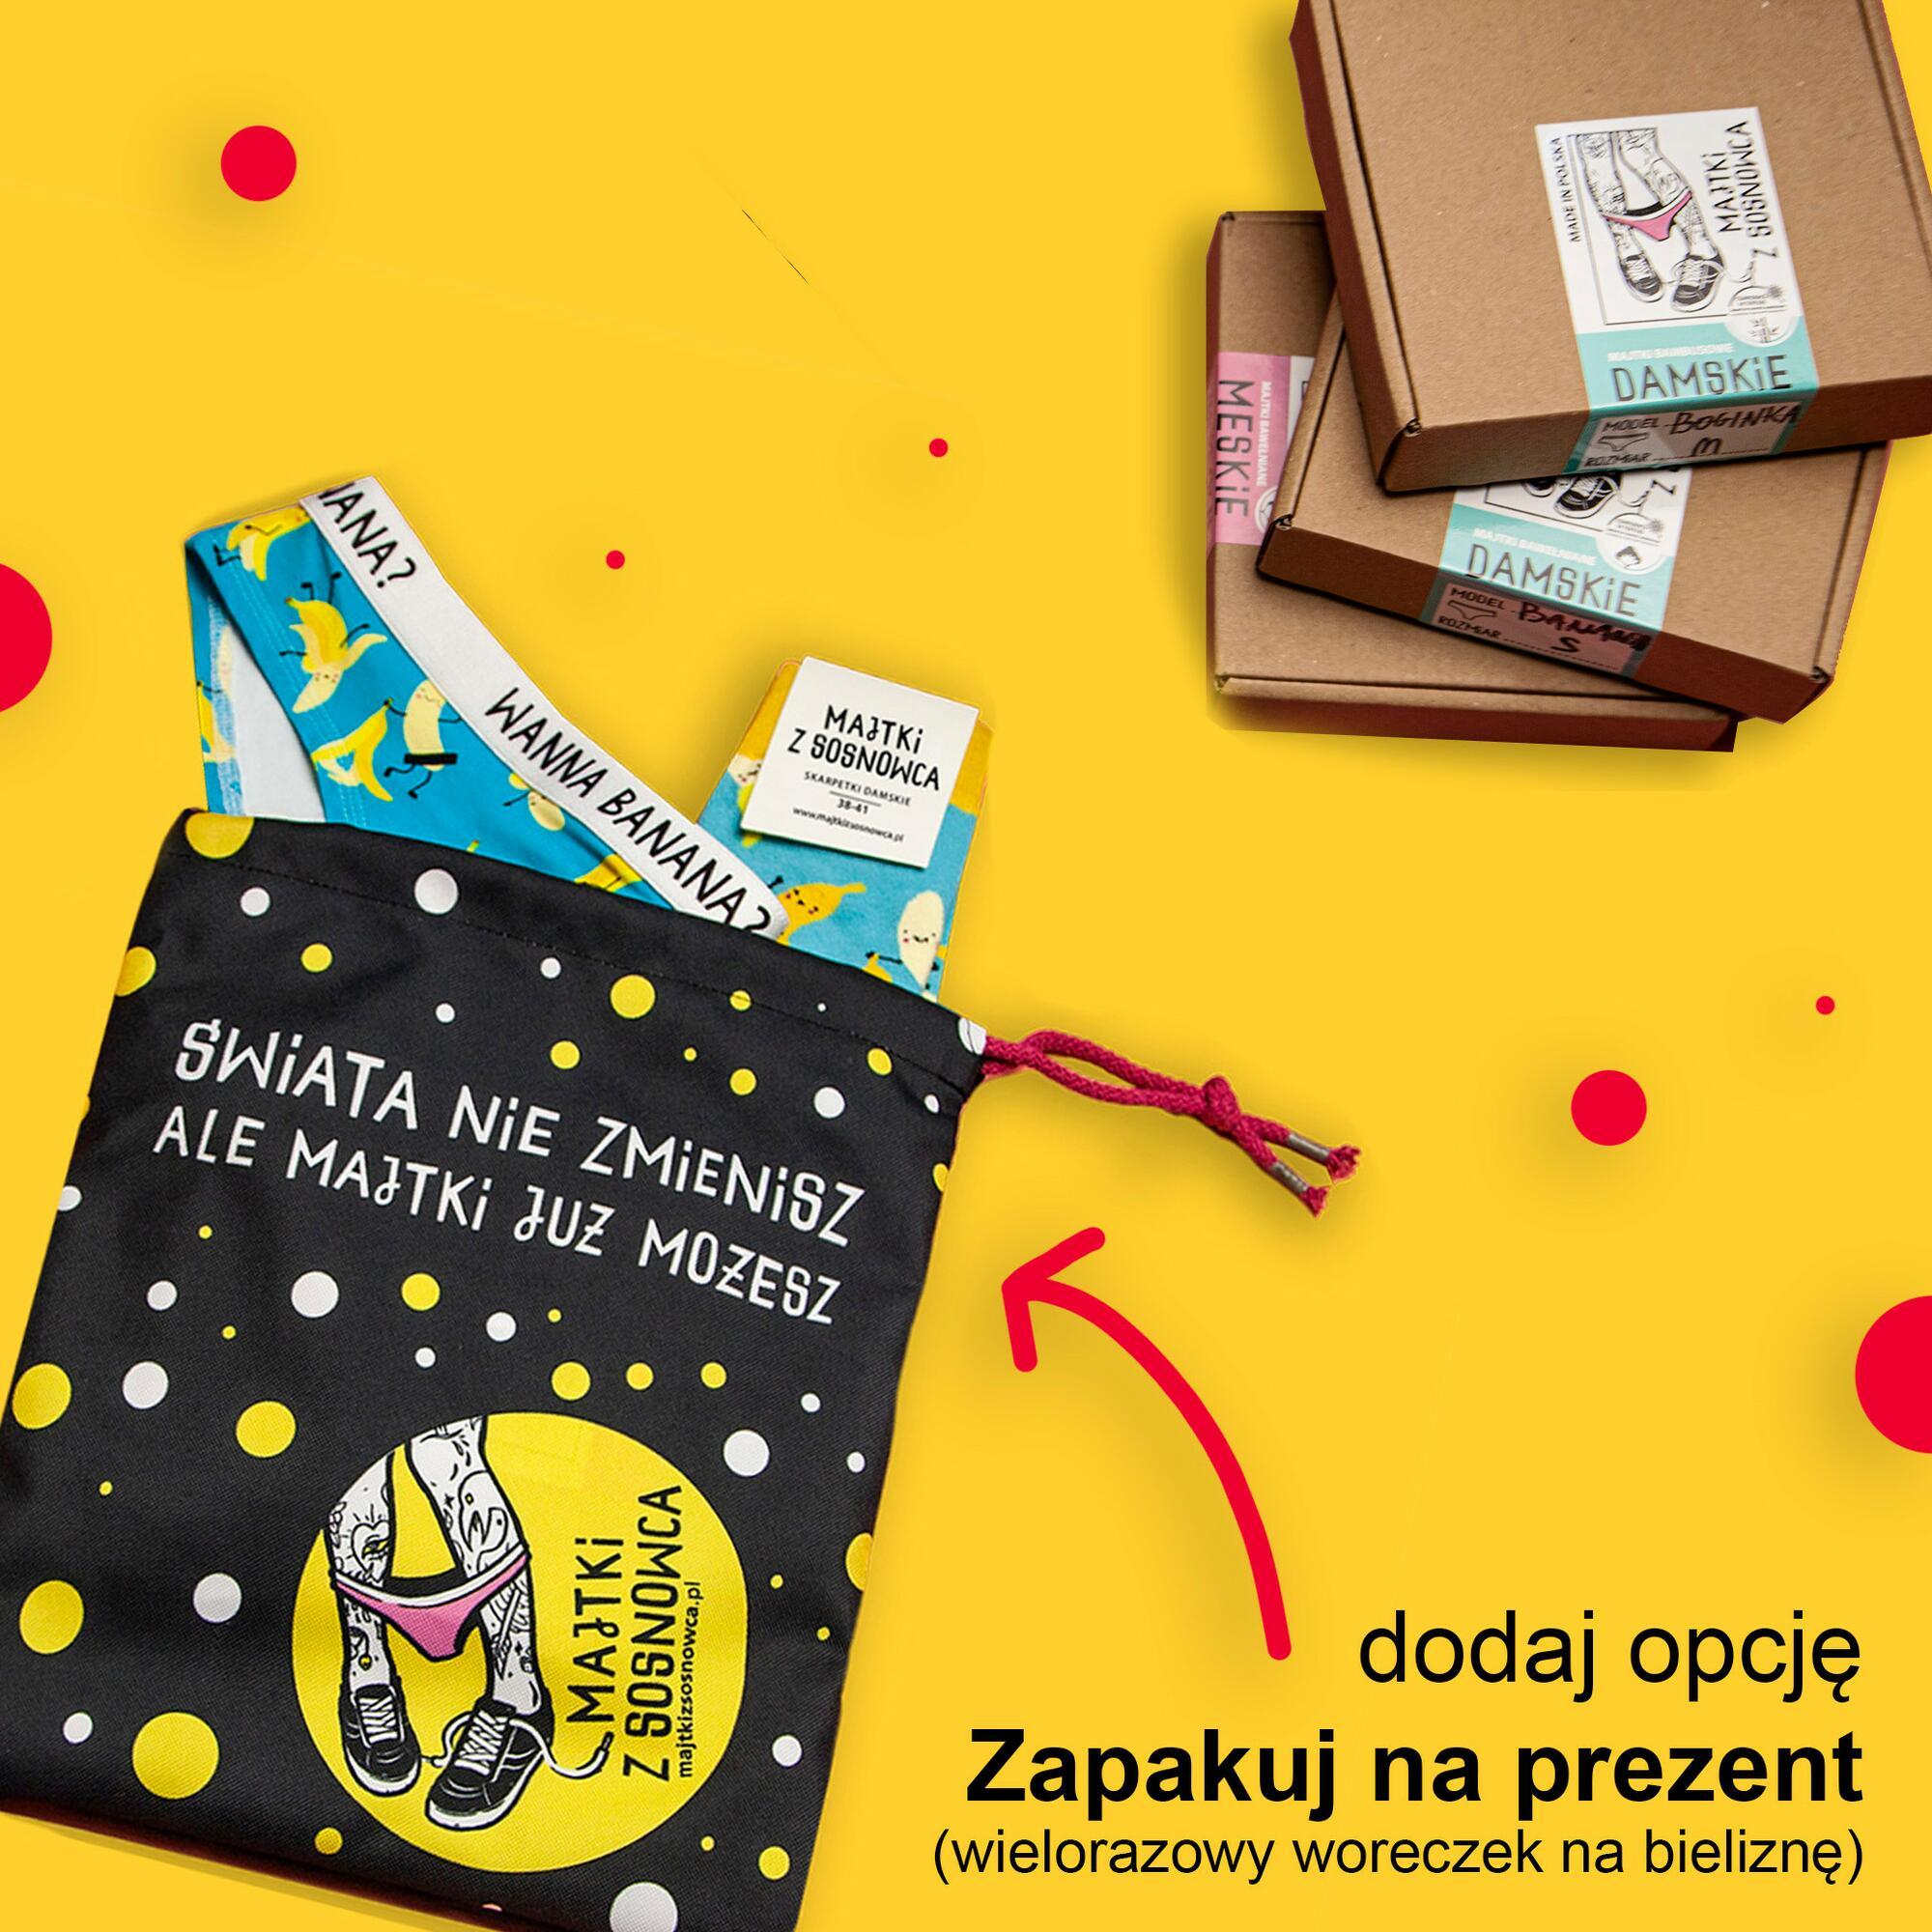 Zawsze bądź sobą - figi bawełniane damskie - Majtki z Sosnowca by After Panty | JestemSlow.pl